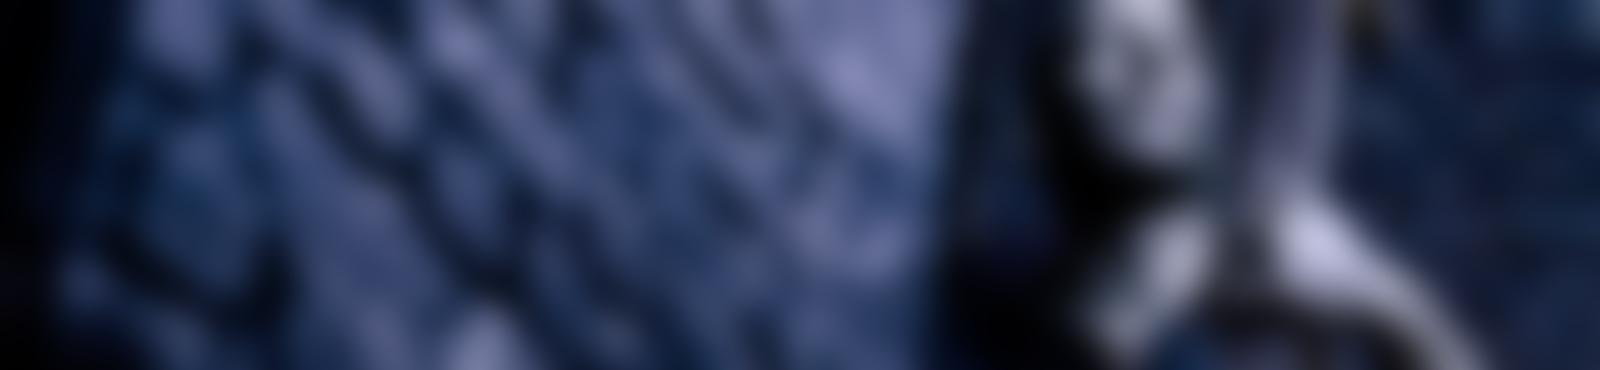 Blurred 3948d12d 5809 4d7c be4c 04157119db27